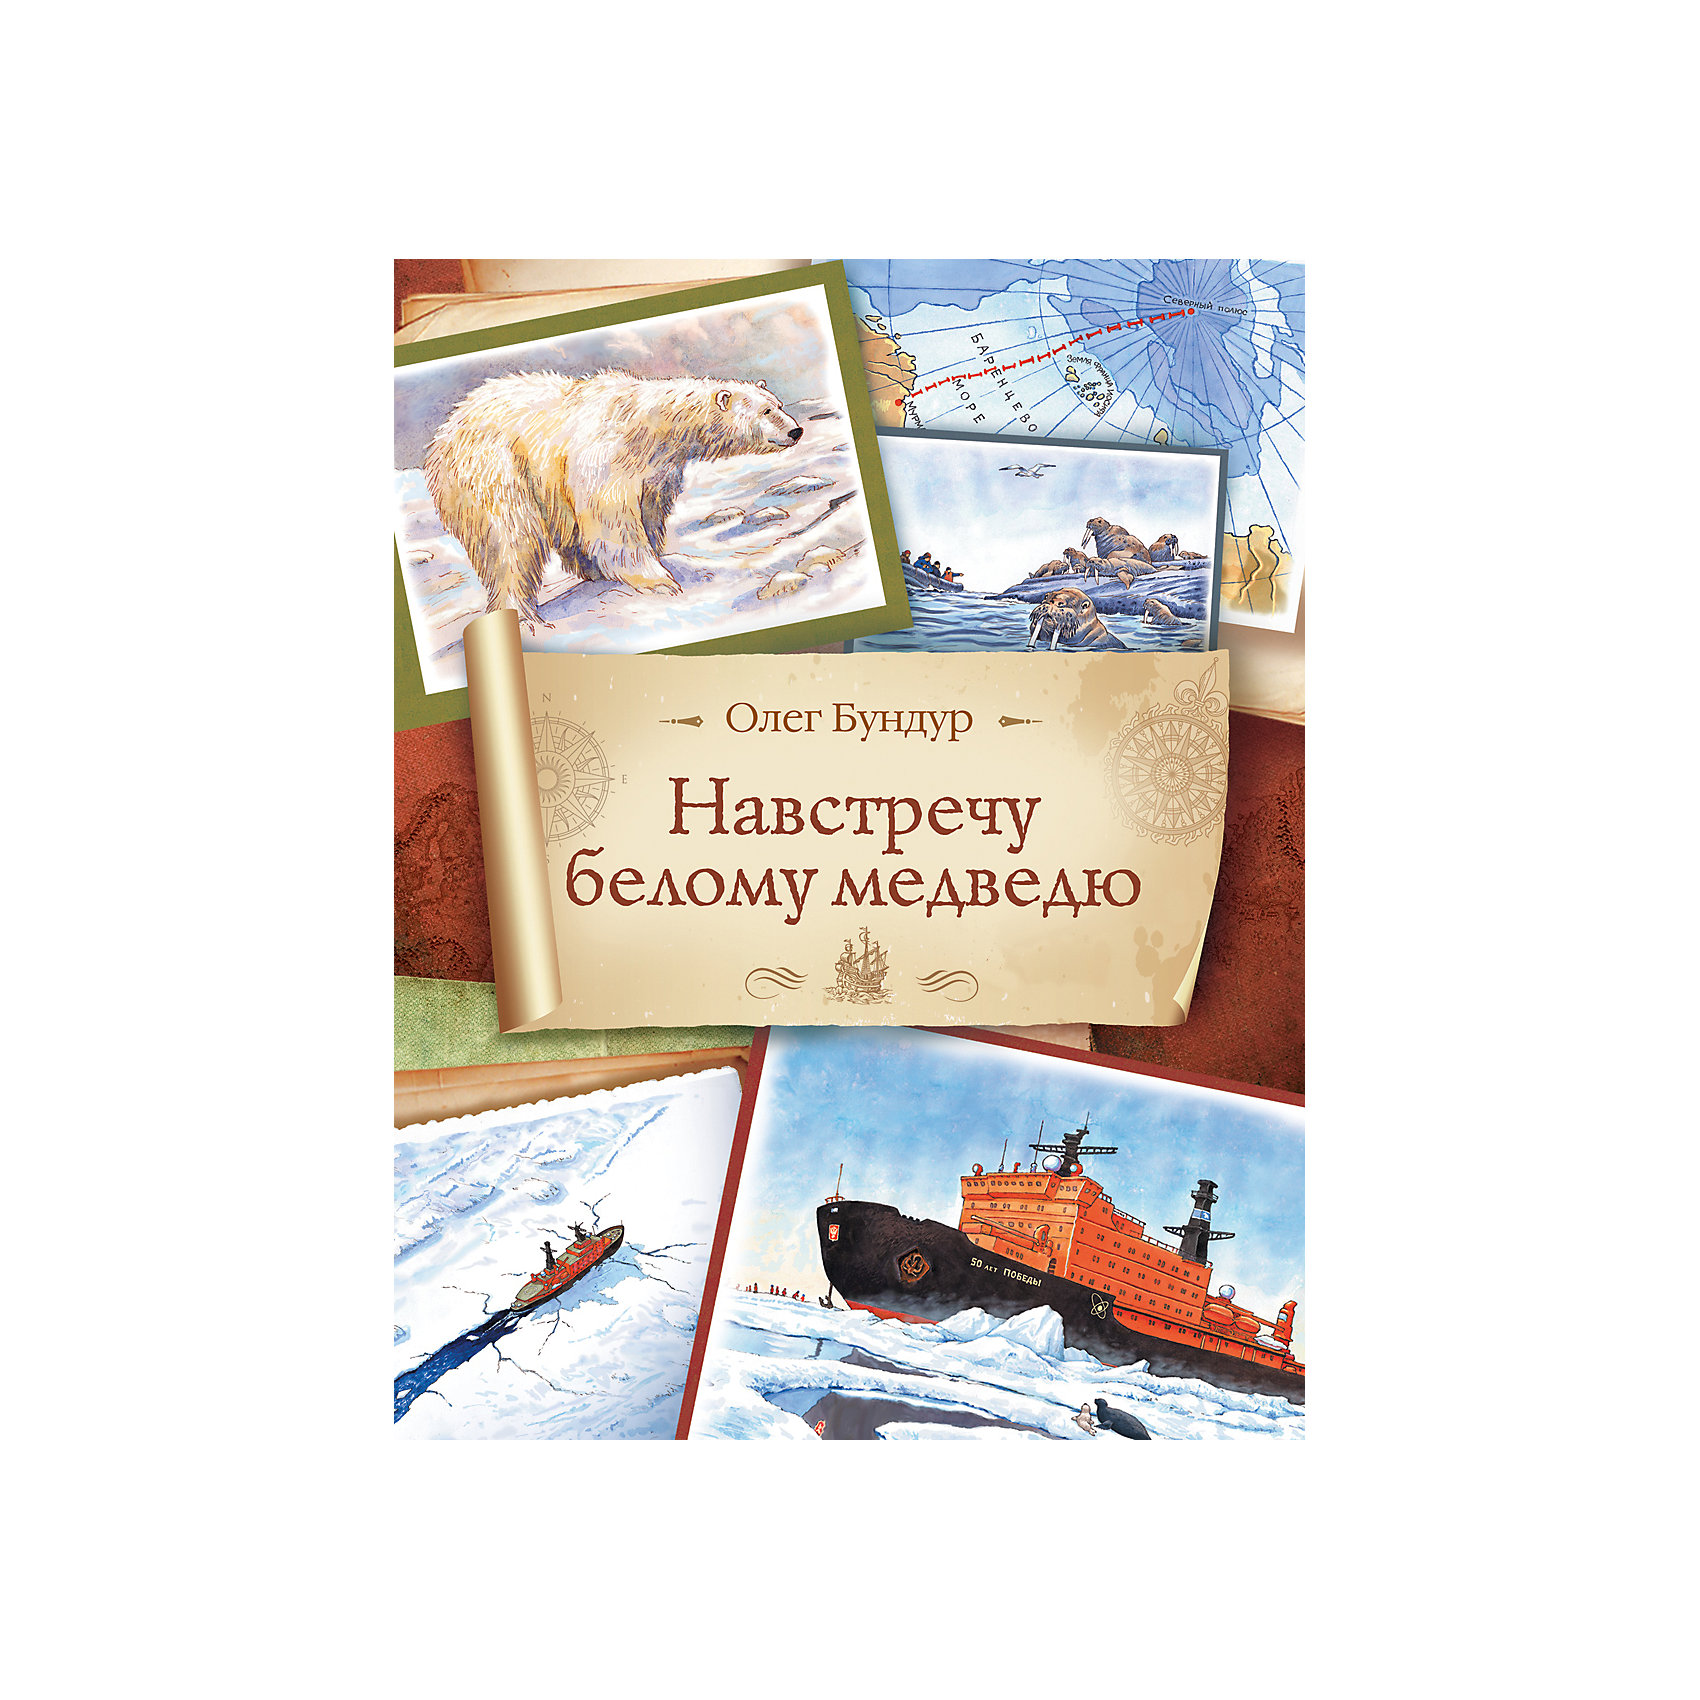 Навстречу белому медведю, О. БундурРосмэн<br>Автор книги Олег Бундур совершил путешествие по Северному Ледовитому океану на ледоколе 50 лет Победы к самому полюсу и обратно. Простым и понятным языком он рассказывает о белых медведях, тюленях и северных птицах, о параллелях и меридианах, о порядке на судне и даже объясняет устройство атомного двигателя. Это книга для всех, кто любит географию, интересуется путешествиями и мечтает своими глазами увидеть самые необыкновенные места на нашей планете.&#13;<br>Иллюстрации Виктора Минеева.<br><br>Ширина мм: 263<br>Глубина мм: 203<br>Высота мм: 10<br>Вес г: 337<br>Возраст от месяцев: 60<br>Возраст до месяцев: 2147483647<br>Пол: Унисекс<br>Возраст: Детский<br>SKU: 4720533